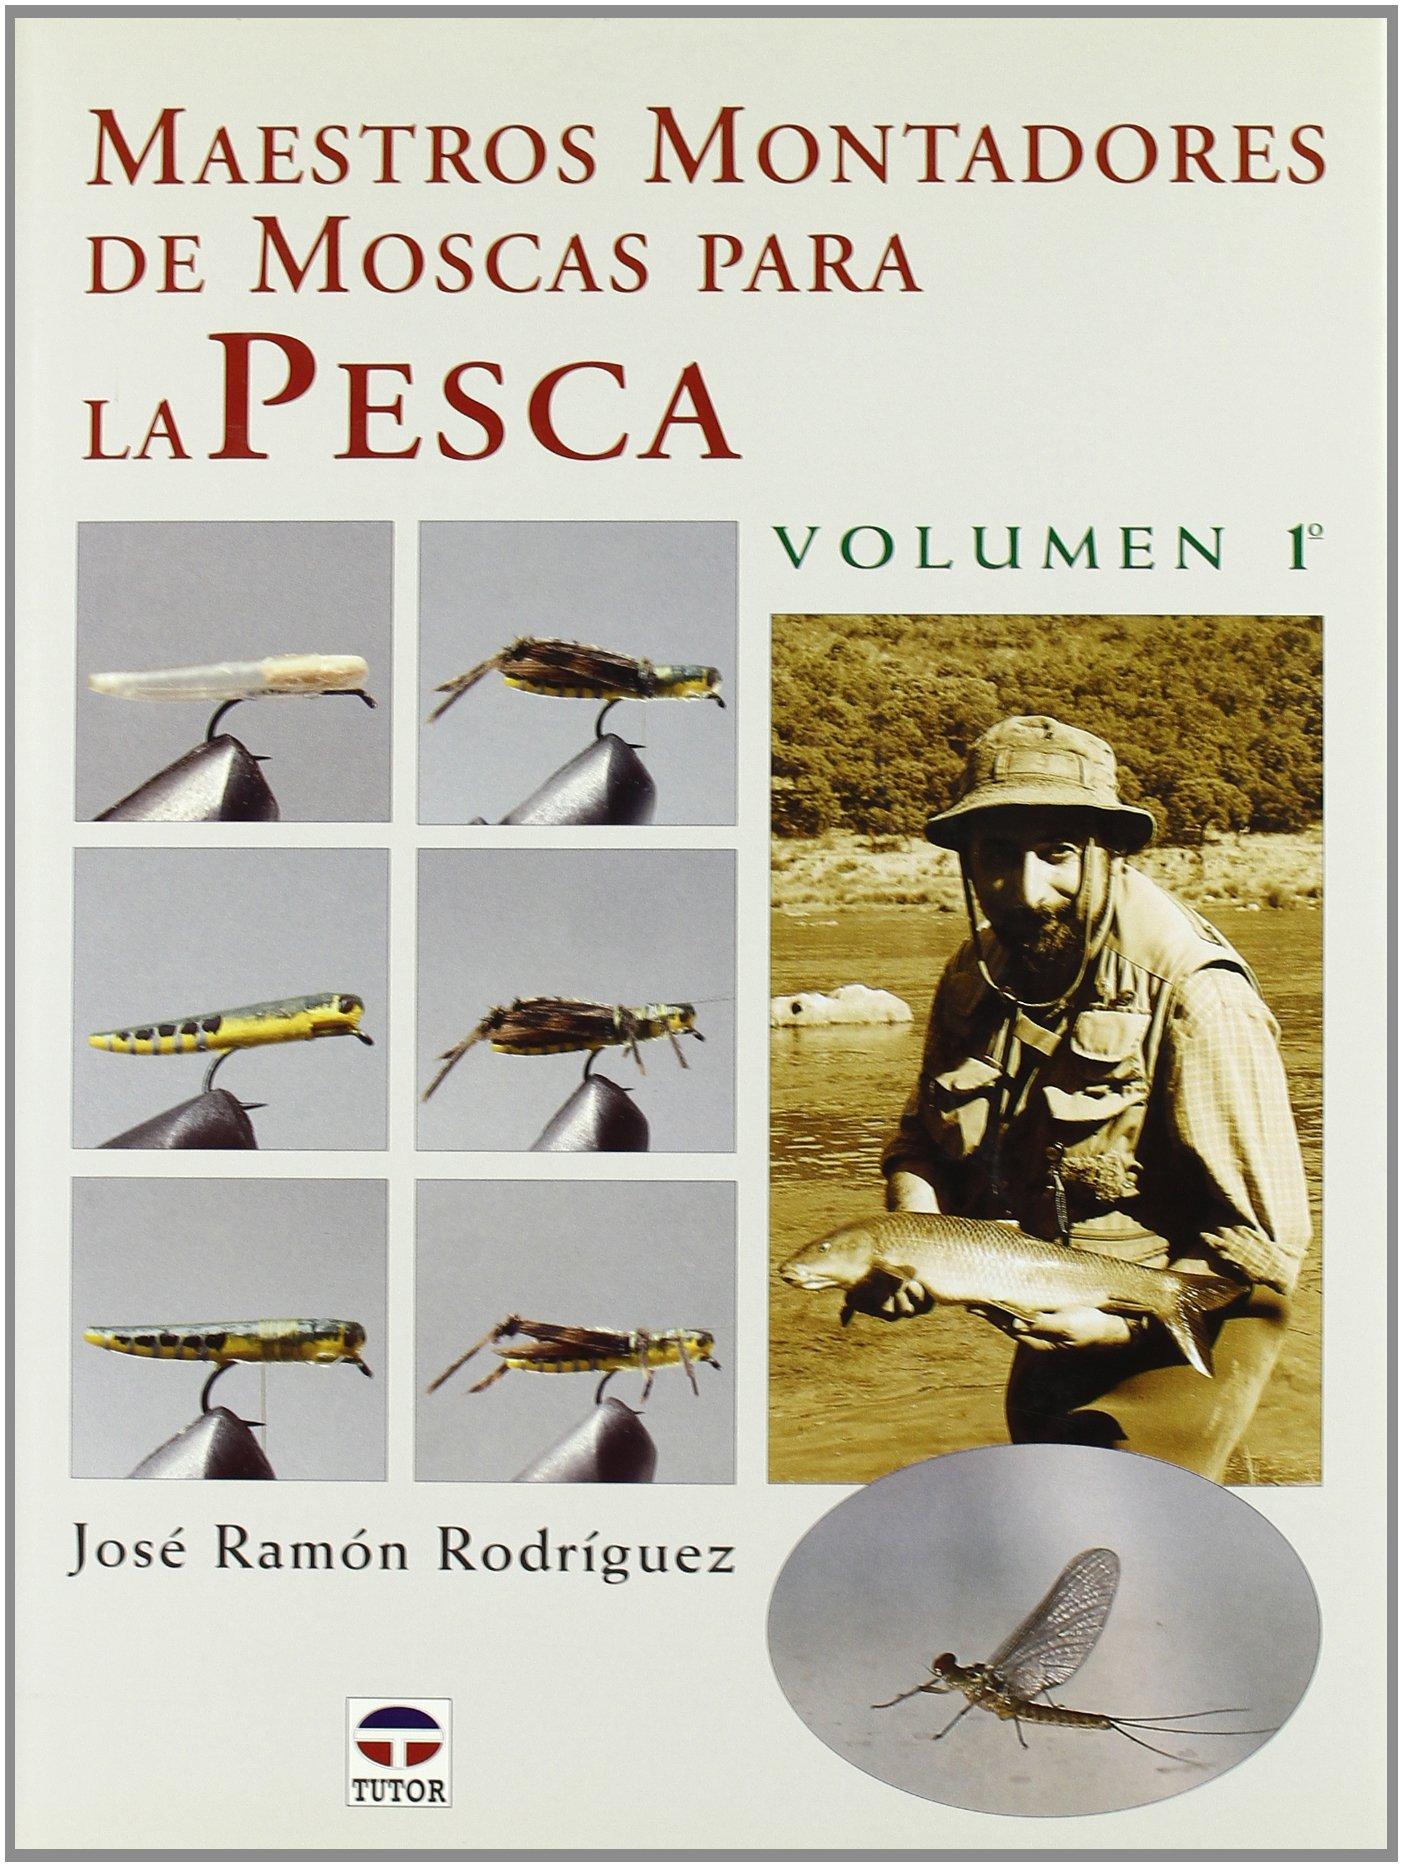 Maestros montadores de moscas para la pesca